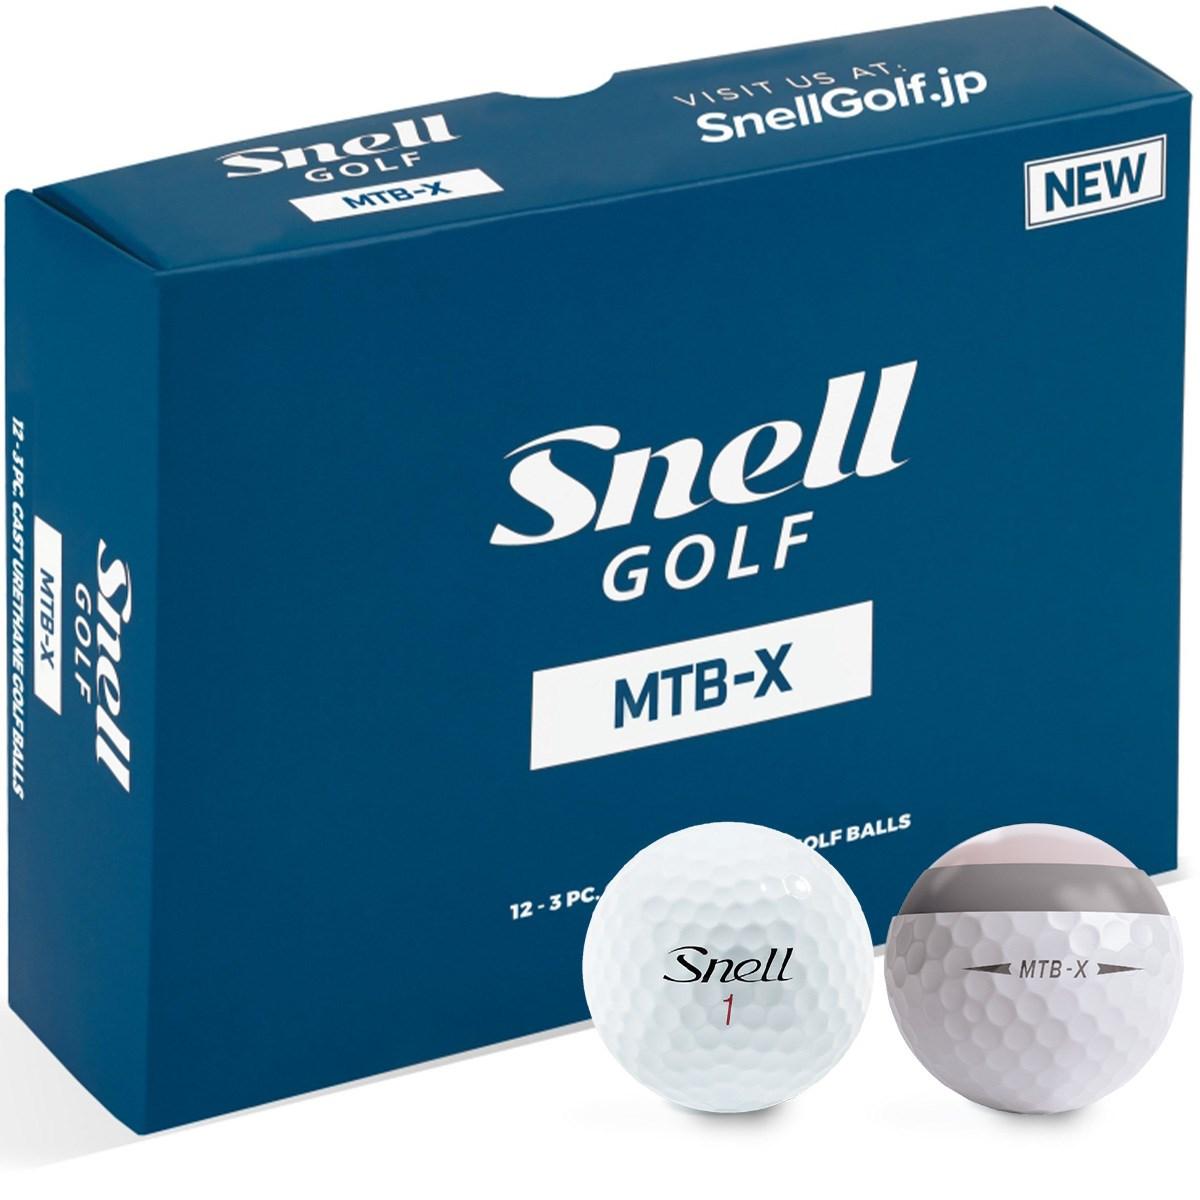 スネルゴルフ Snell GOLF MTB-X ボール 1ダース(12個入り) ホワイト